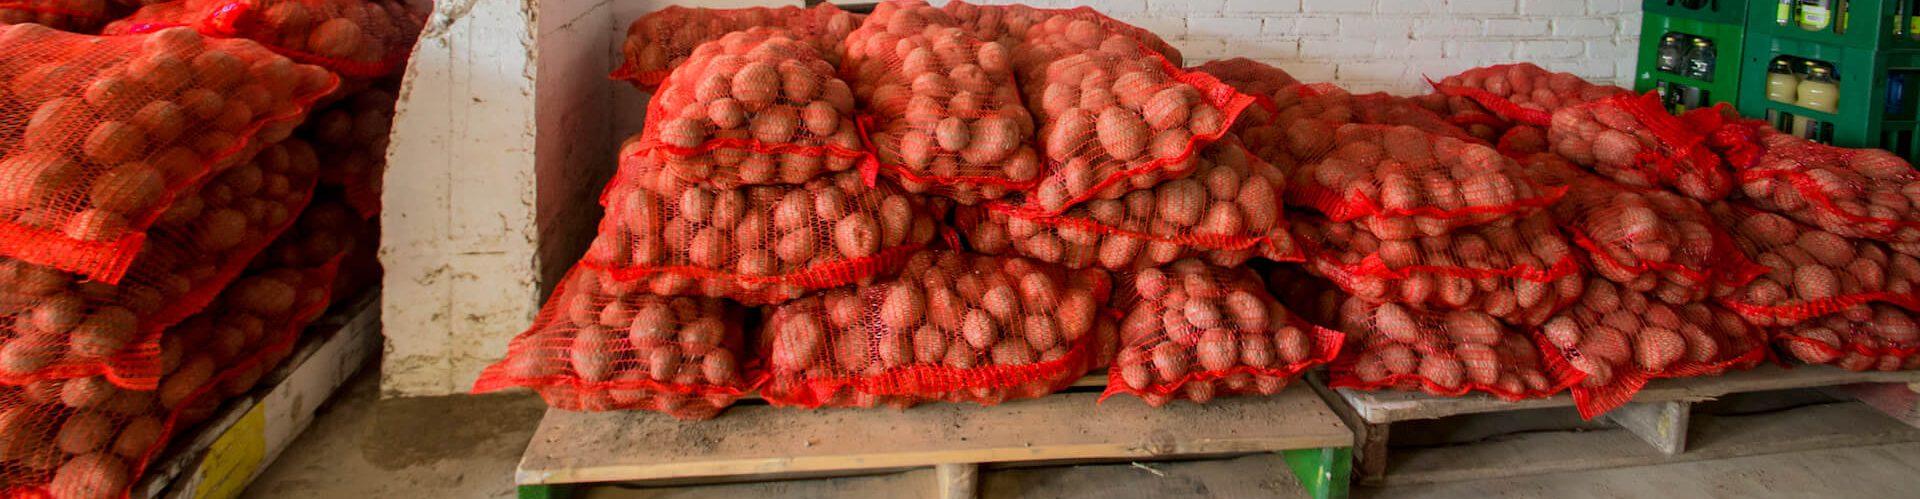 Vaders Aardappelen